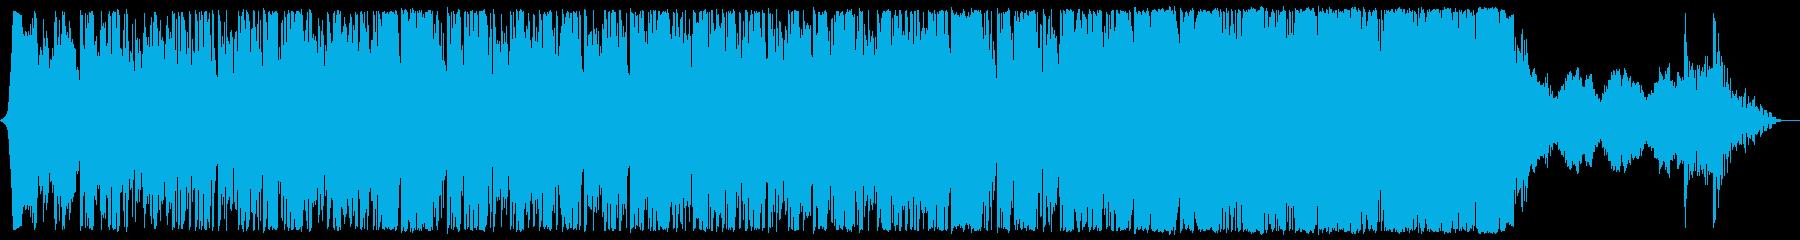 テクノ ハードコア 実験的な アン...の再生済みの波形